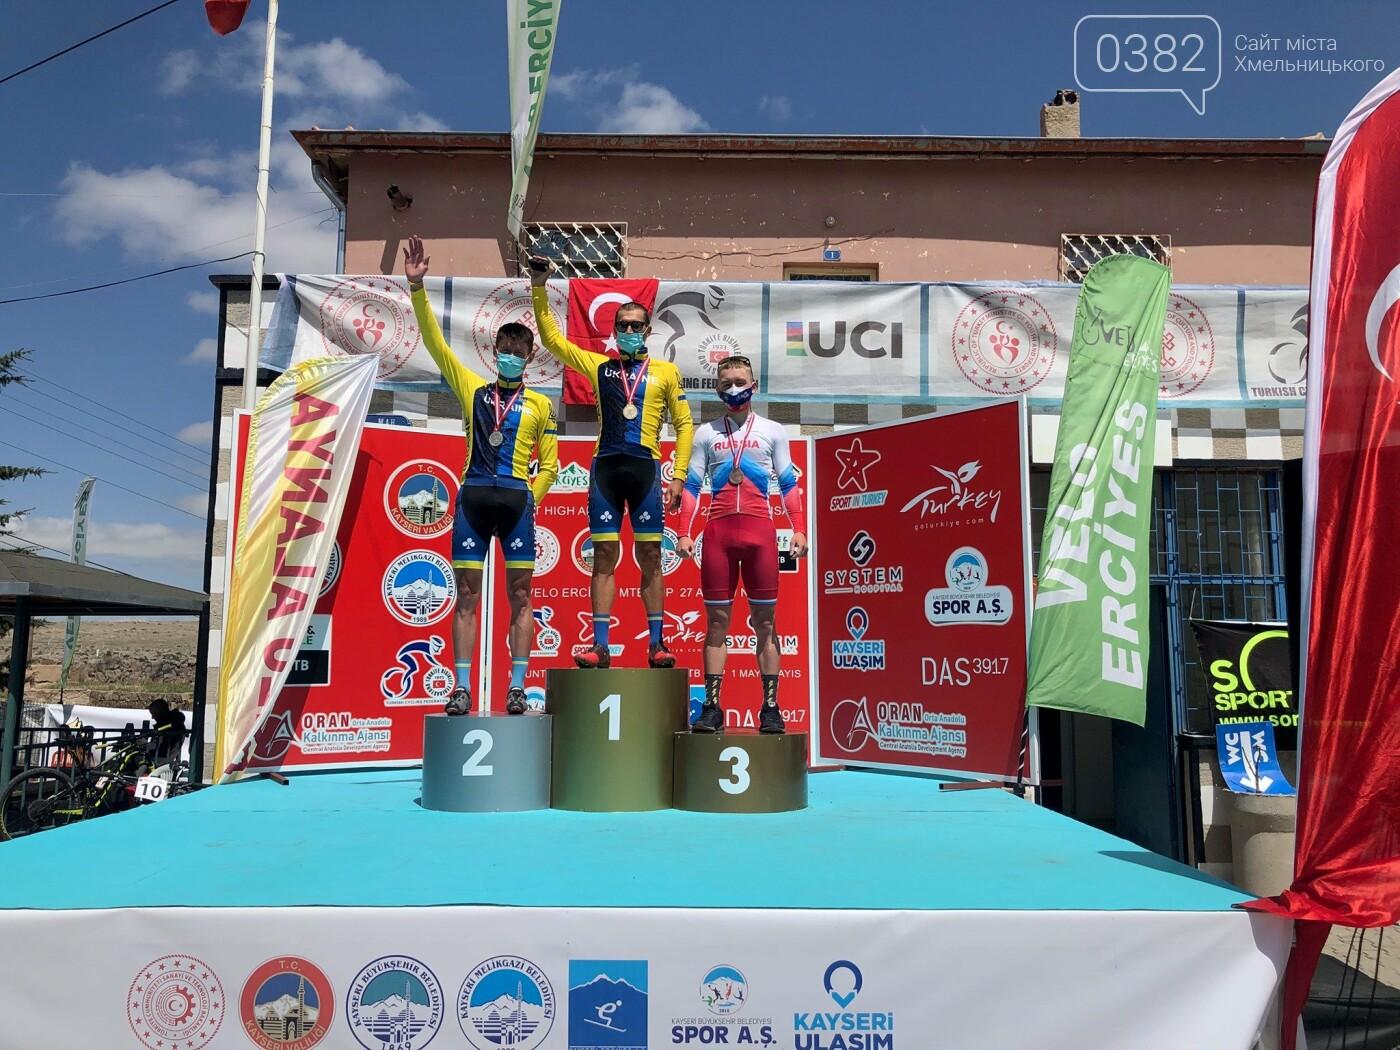 Спортсмени Хмельниччини здобули медалі на міжнародних змаганнях , фото-2